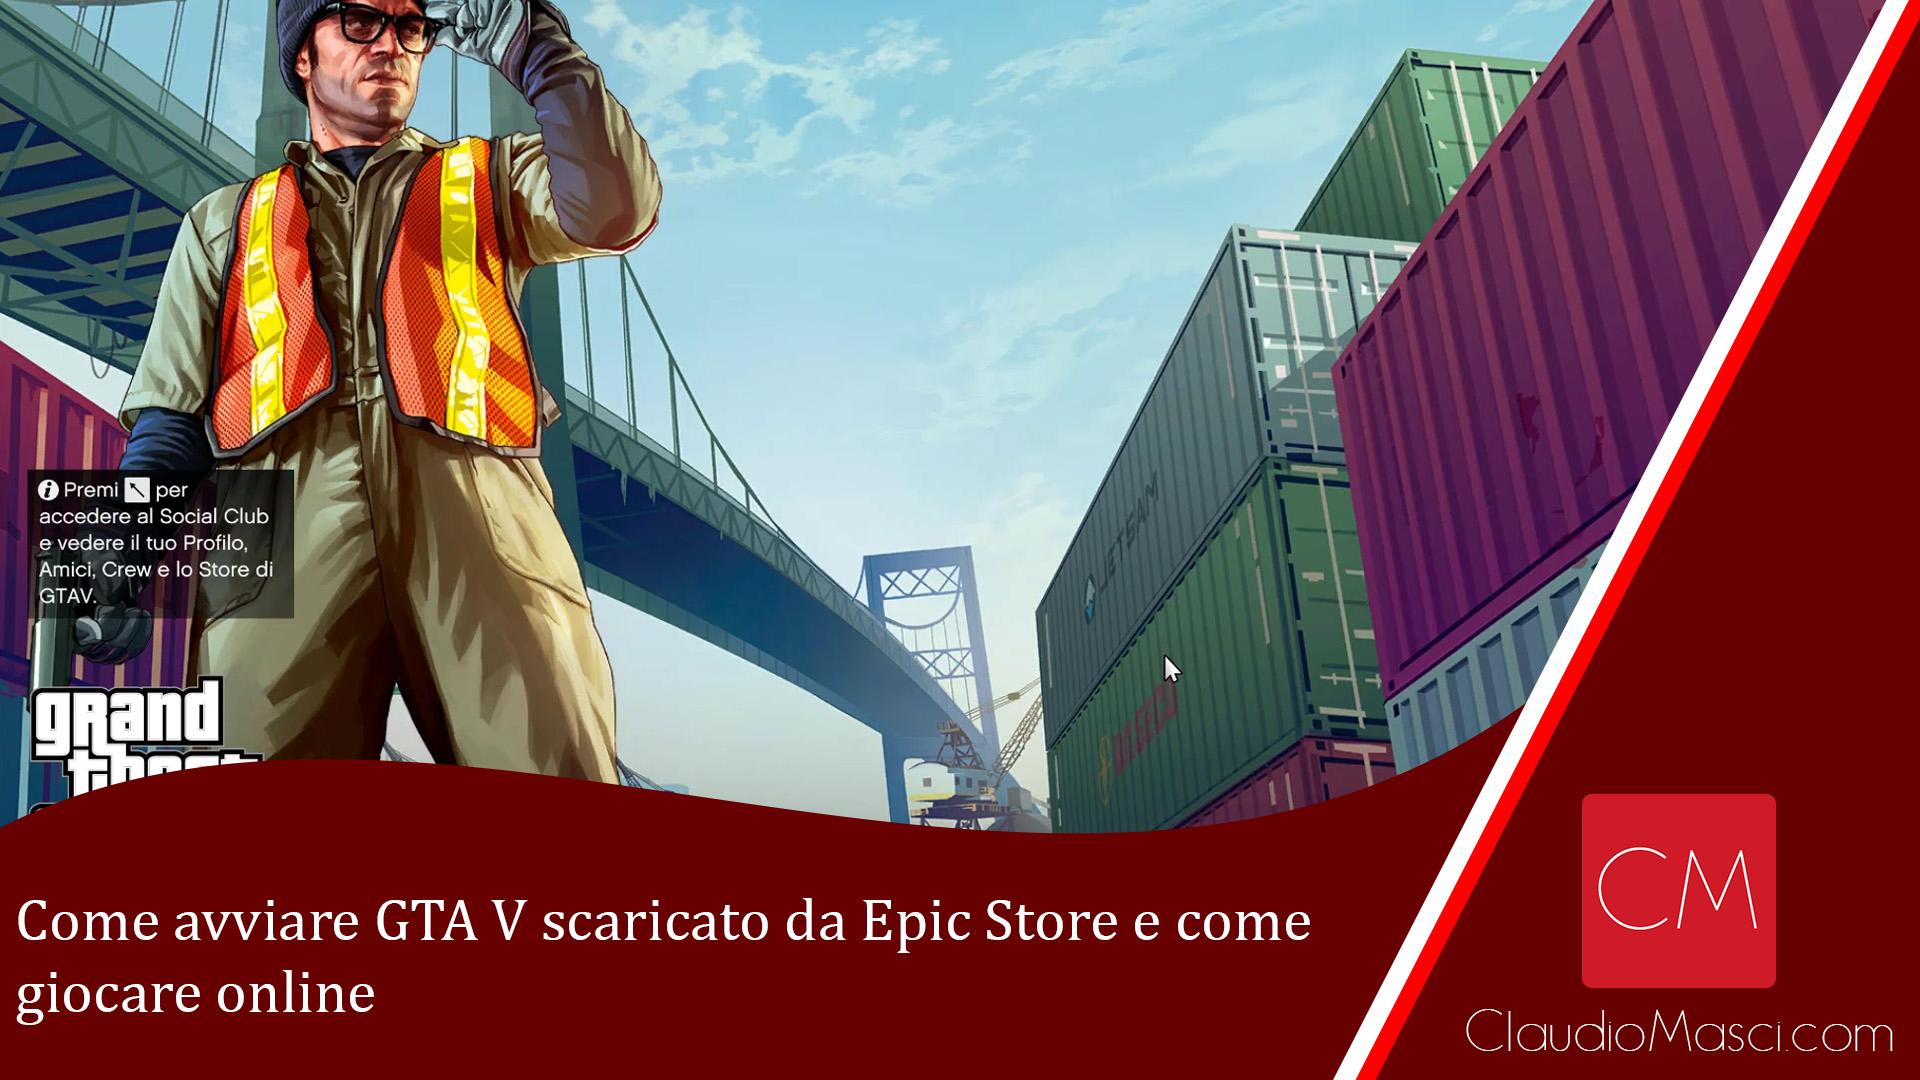 Come avviare GTA V scaricato da Epic Store e come giocare online